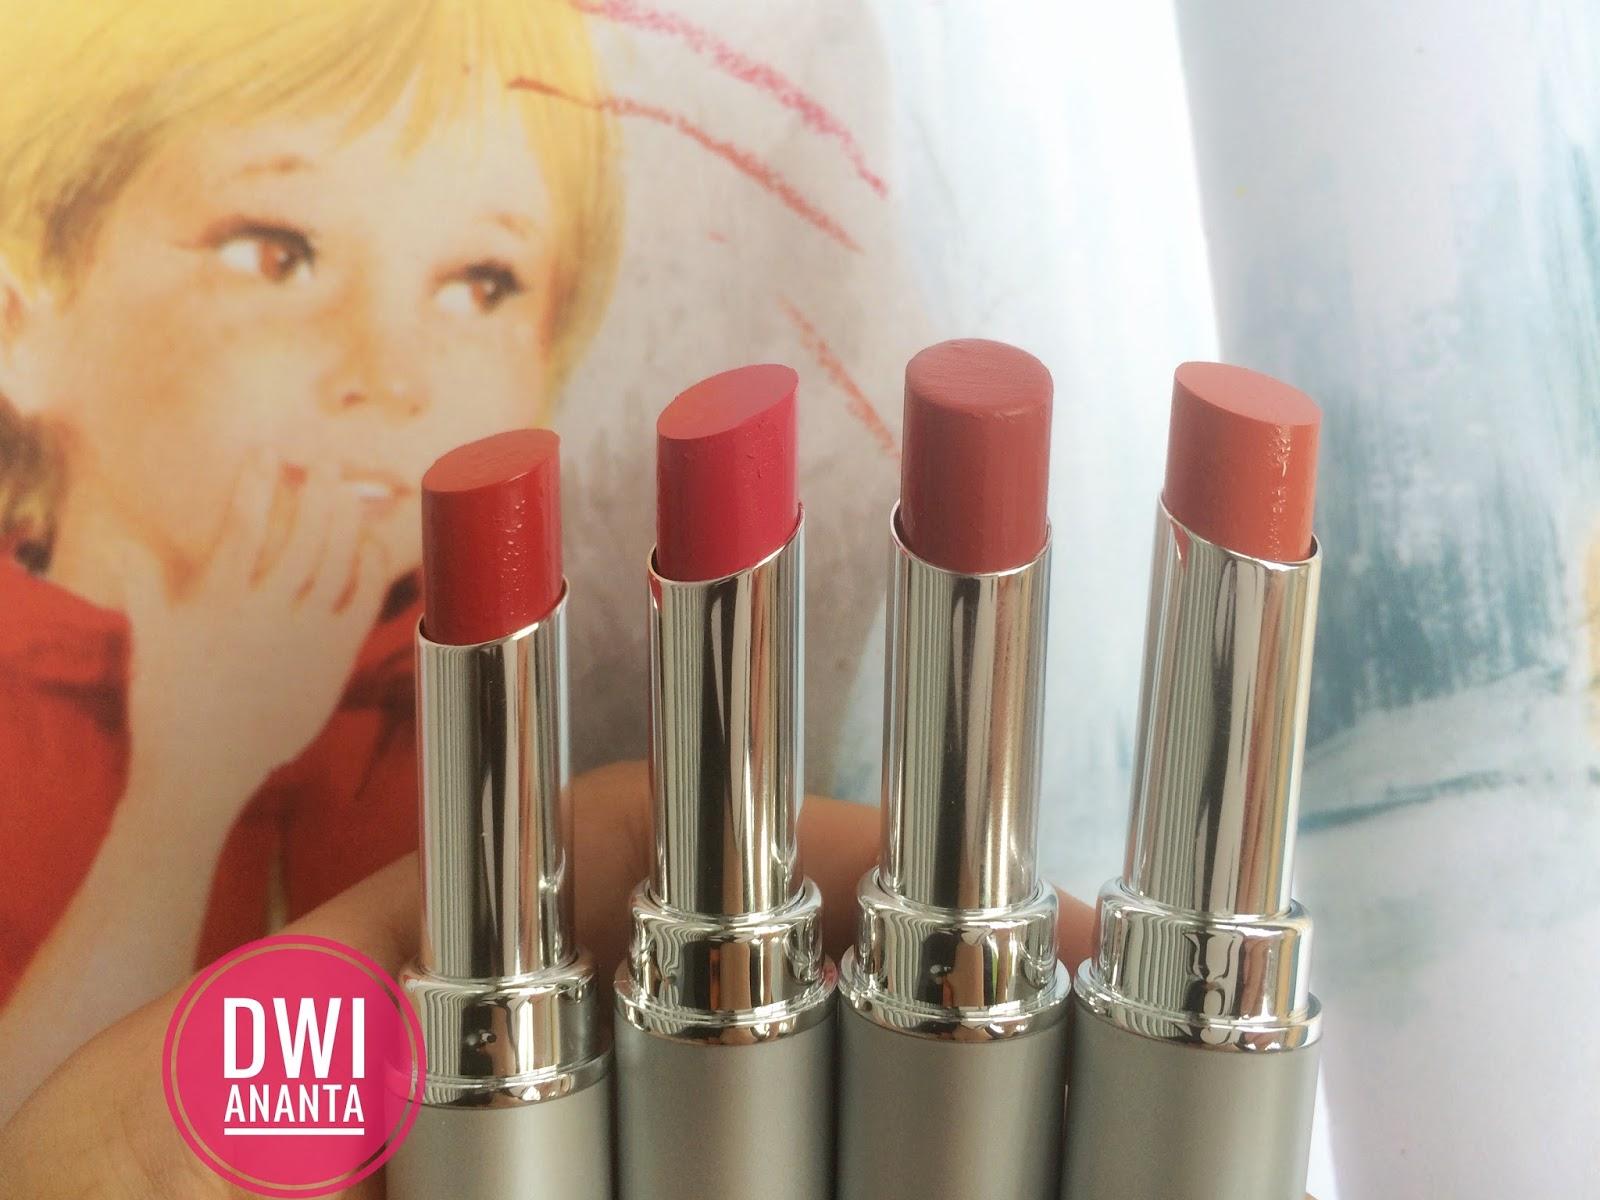 Honeysuckle Review Wardah Intense Matte Lipstik Longlasting Lipstick 17 Passionate Red 23 G Sebenarnya Aku Jarang Banget Memakai Apalagi Yang Teksturnya Seperti Ini Seringnya Liptint Selain Karena Bibirku